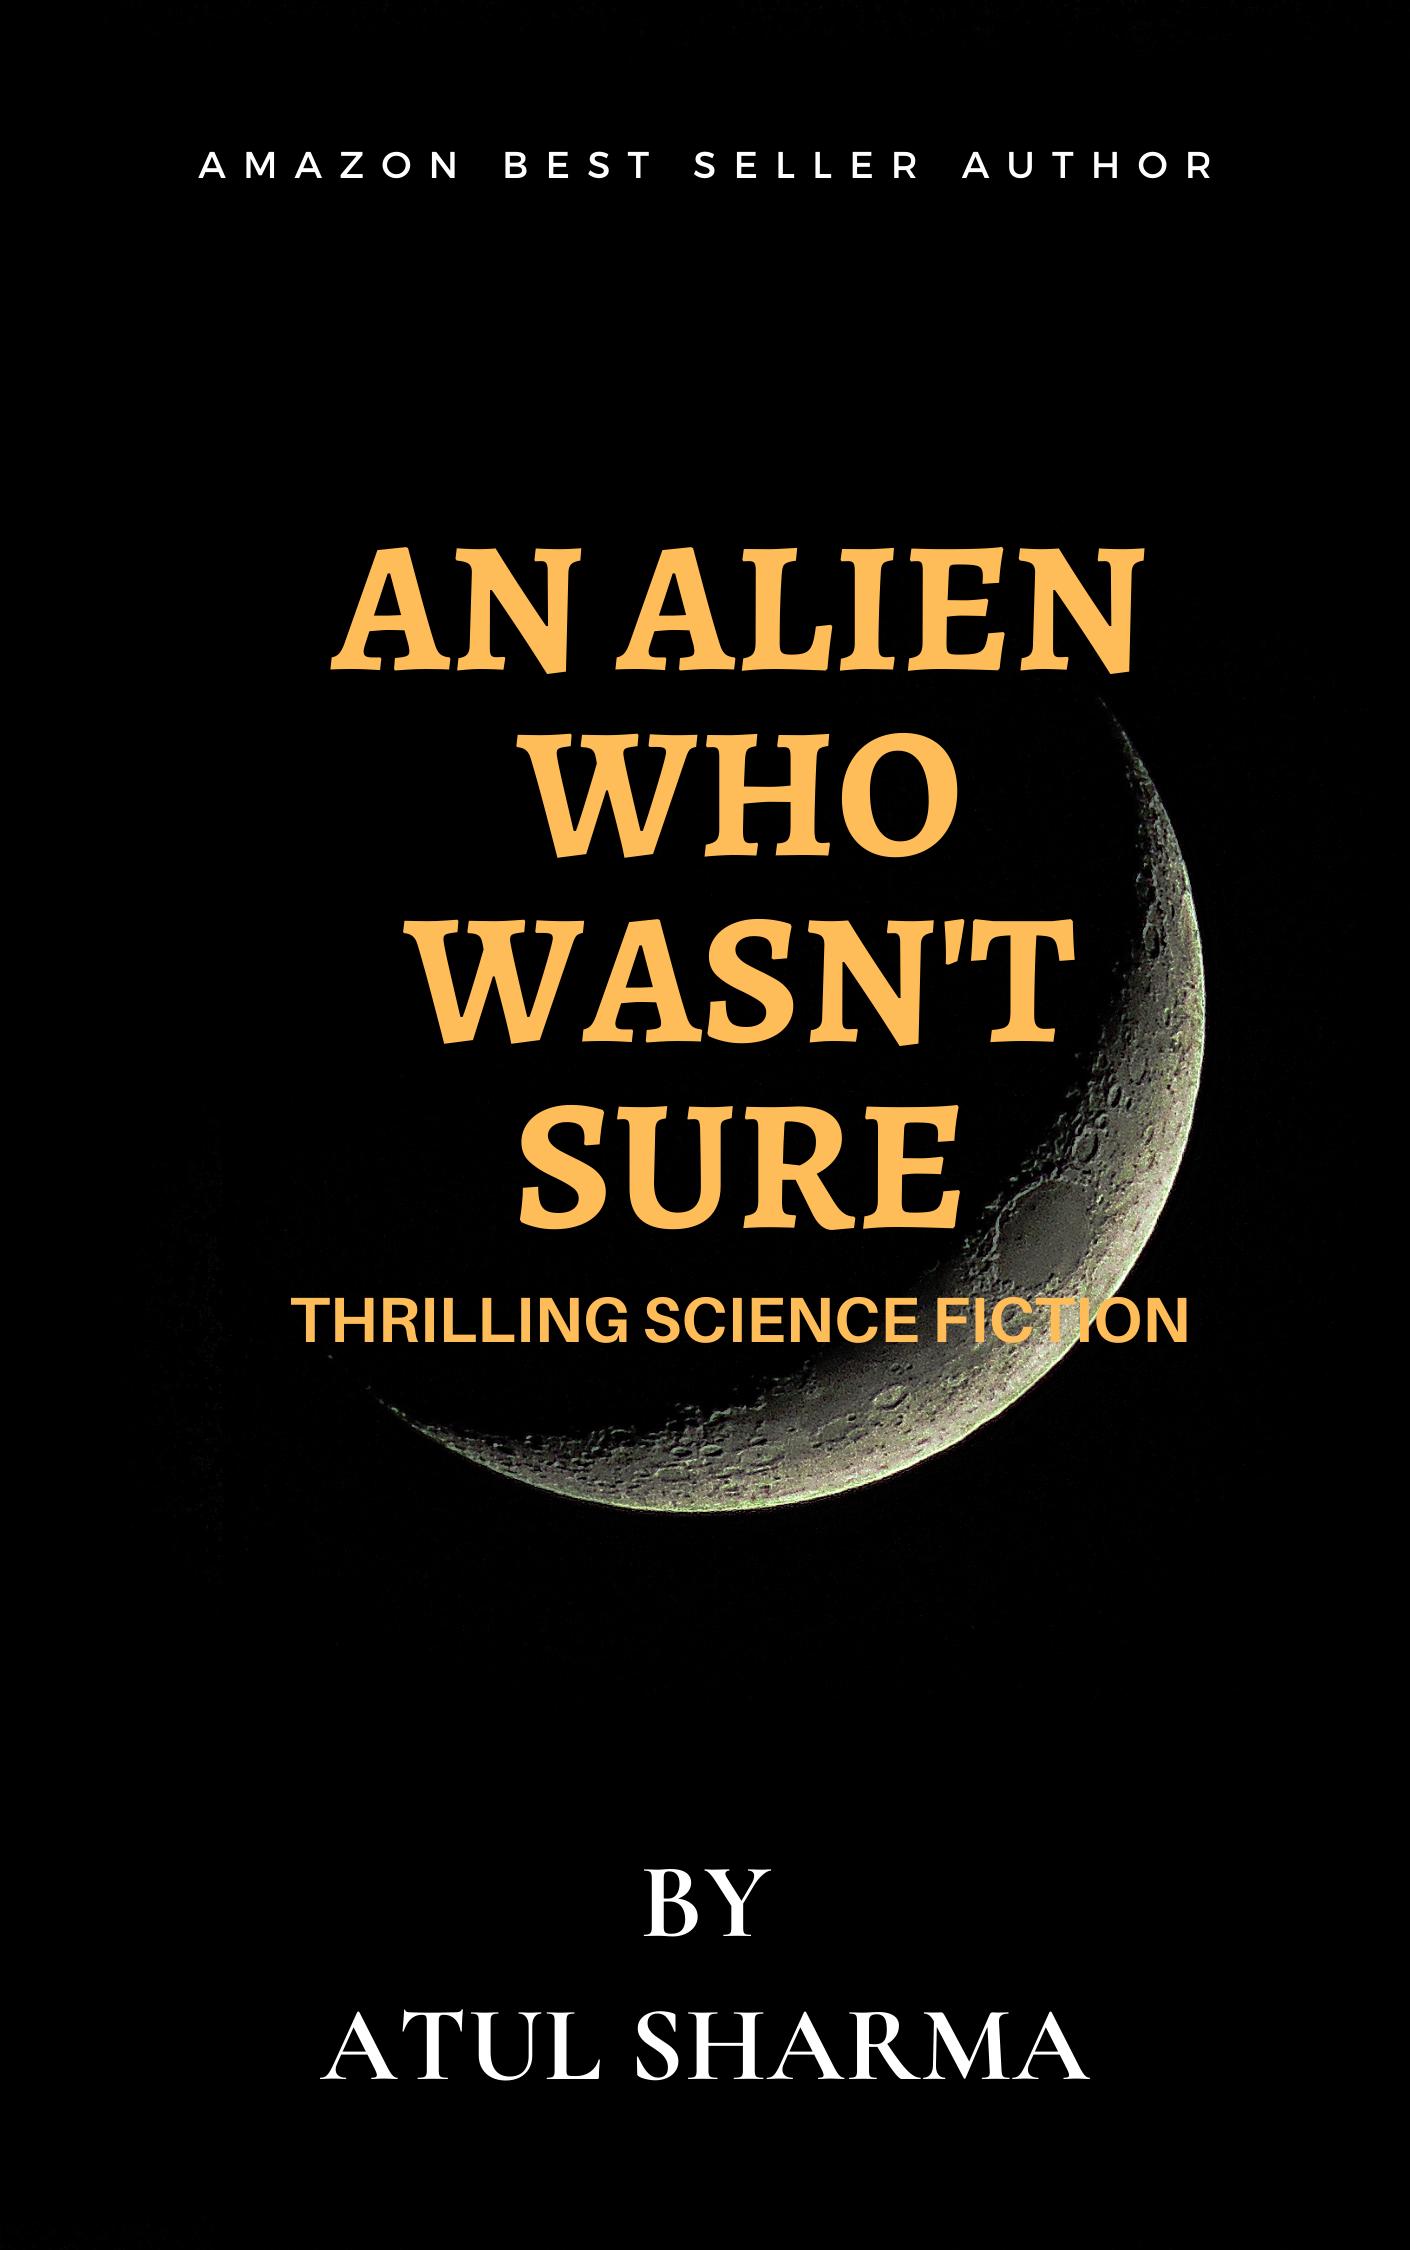 An Alien who wasn't sure